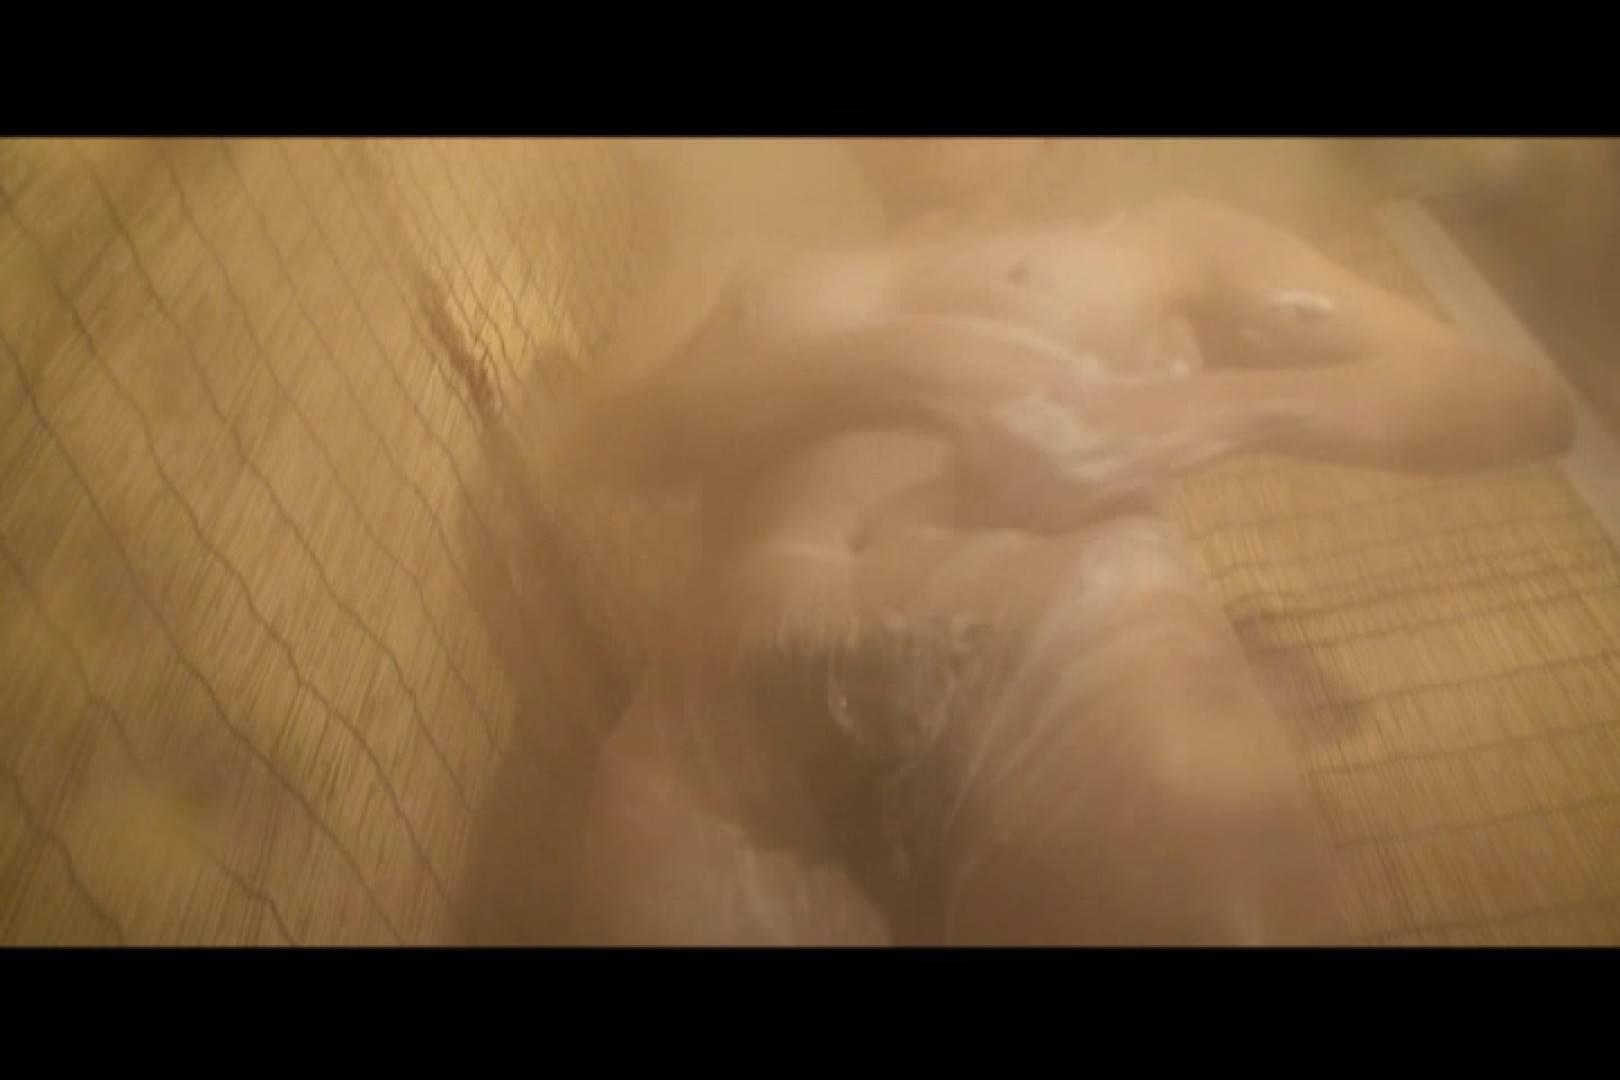 トロイさんのプールシャワー盗撮 vol.01 盗撮映像大放出 おまんこ無修正動画無料 84連発 53